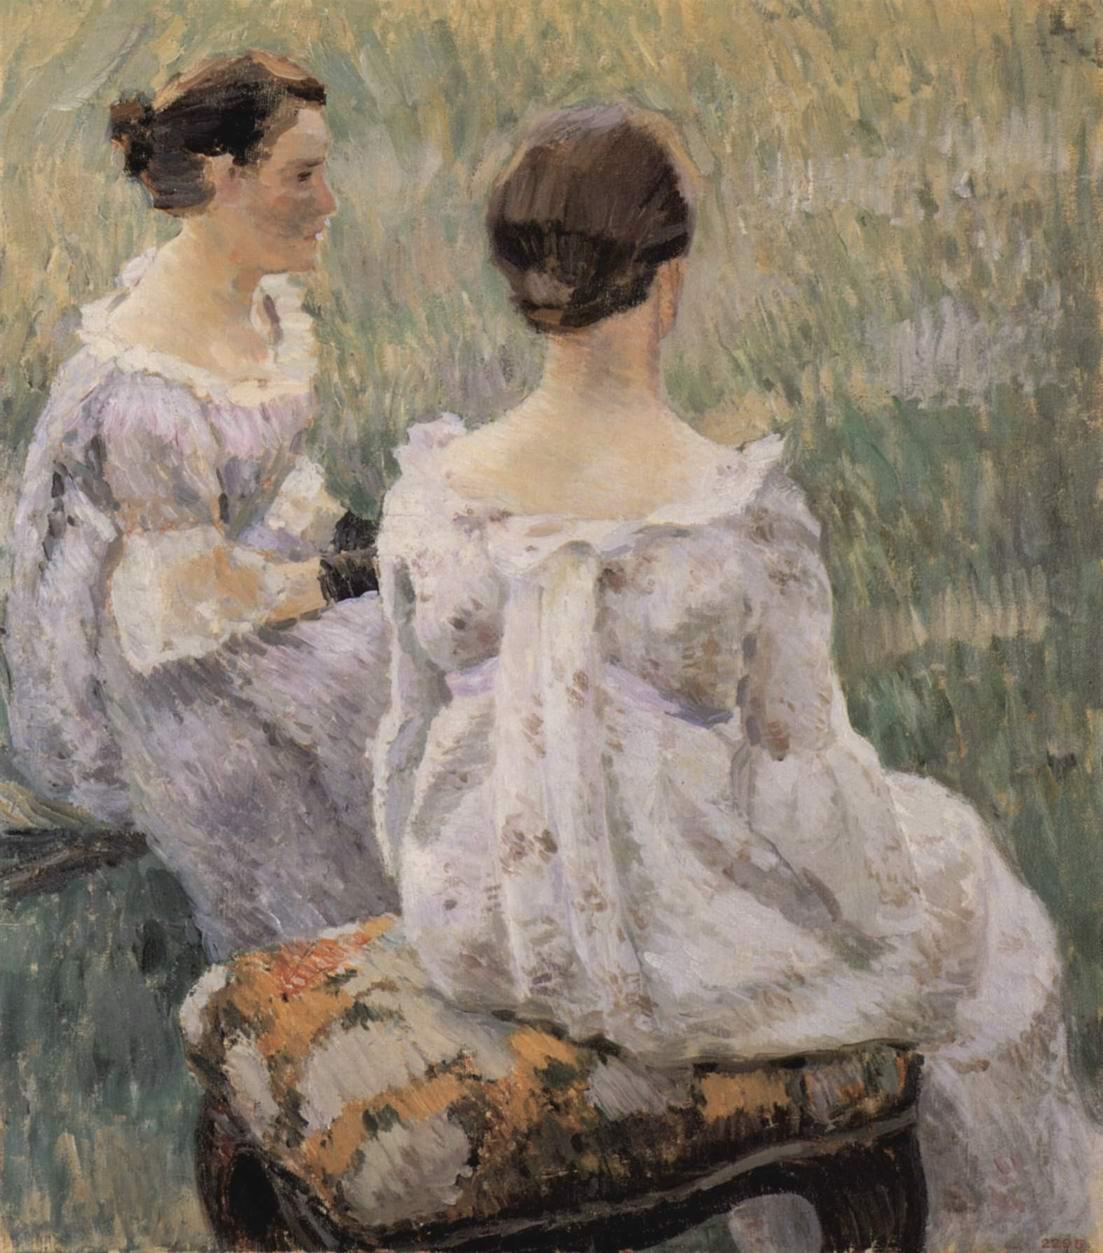 Две сидящие дамы. Этюд, Борисов-Мусатов Виктор Эльпидифорович